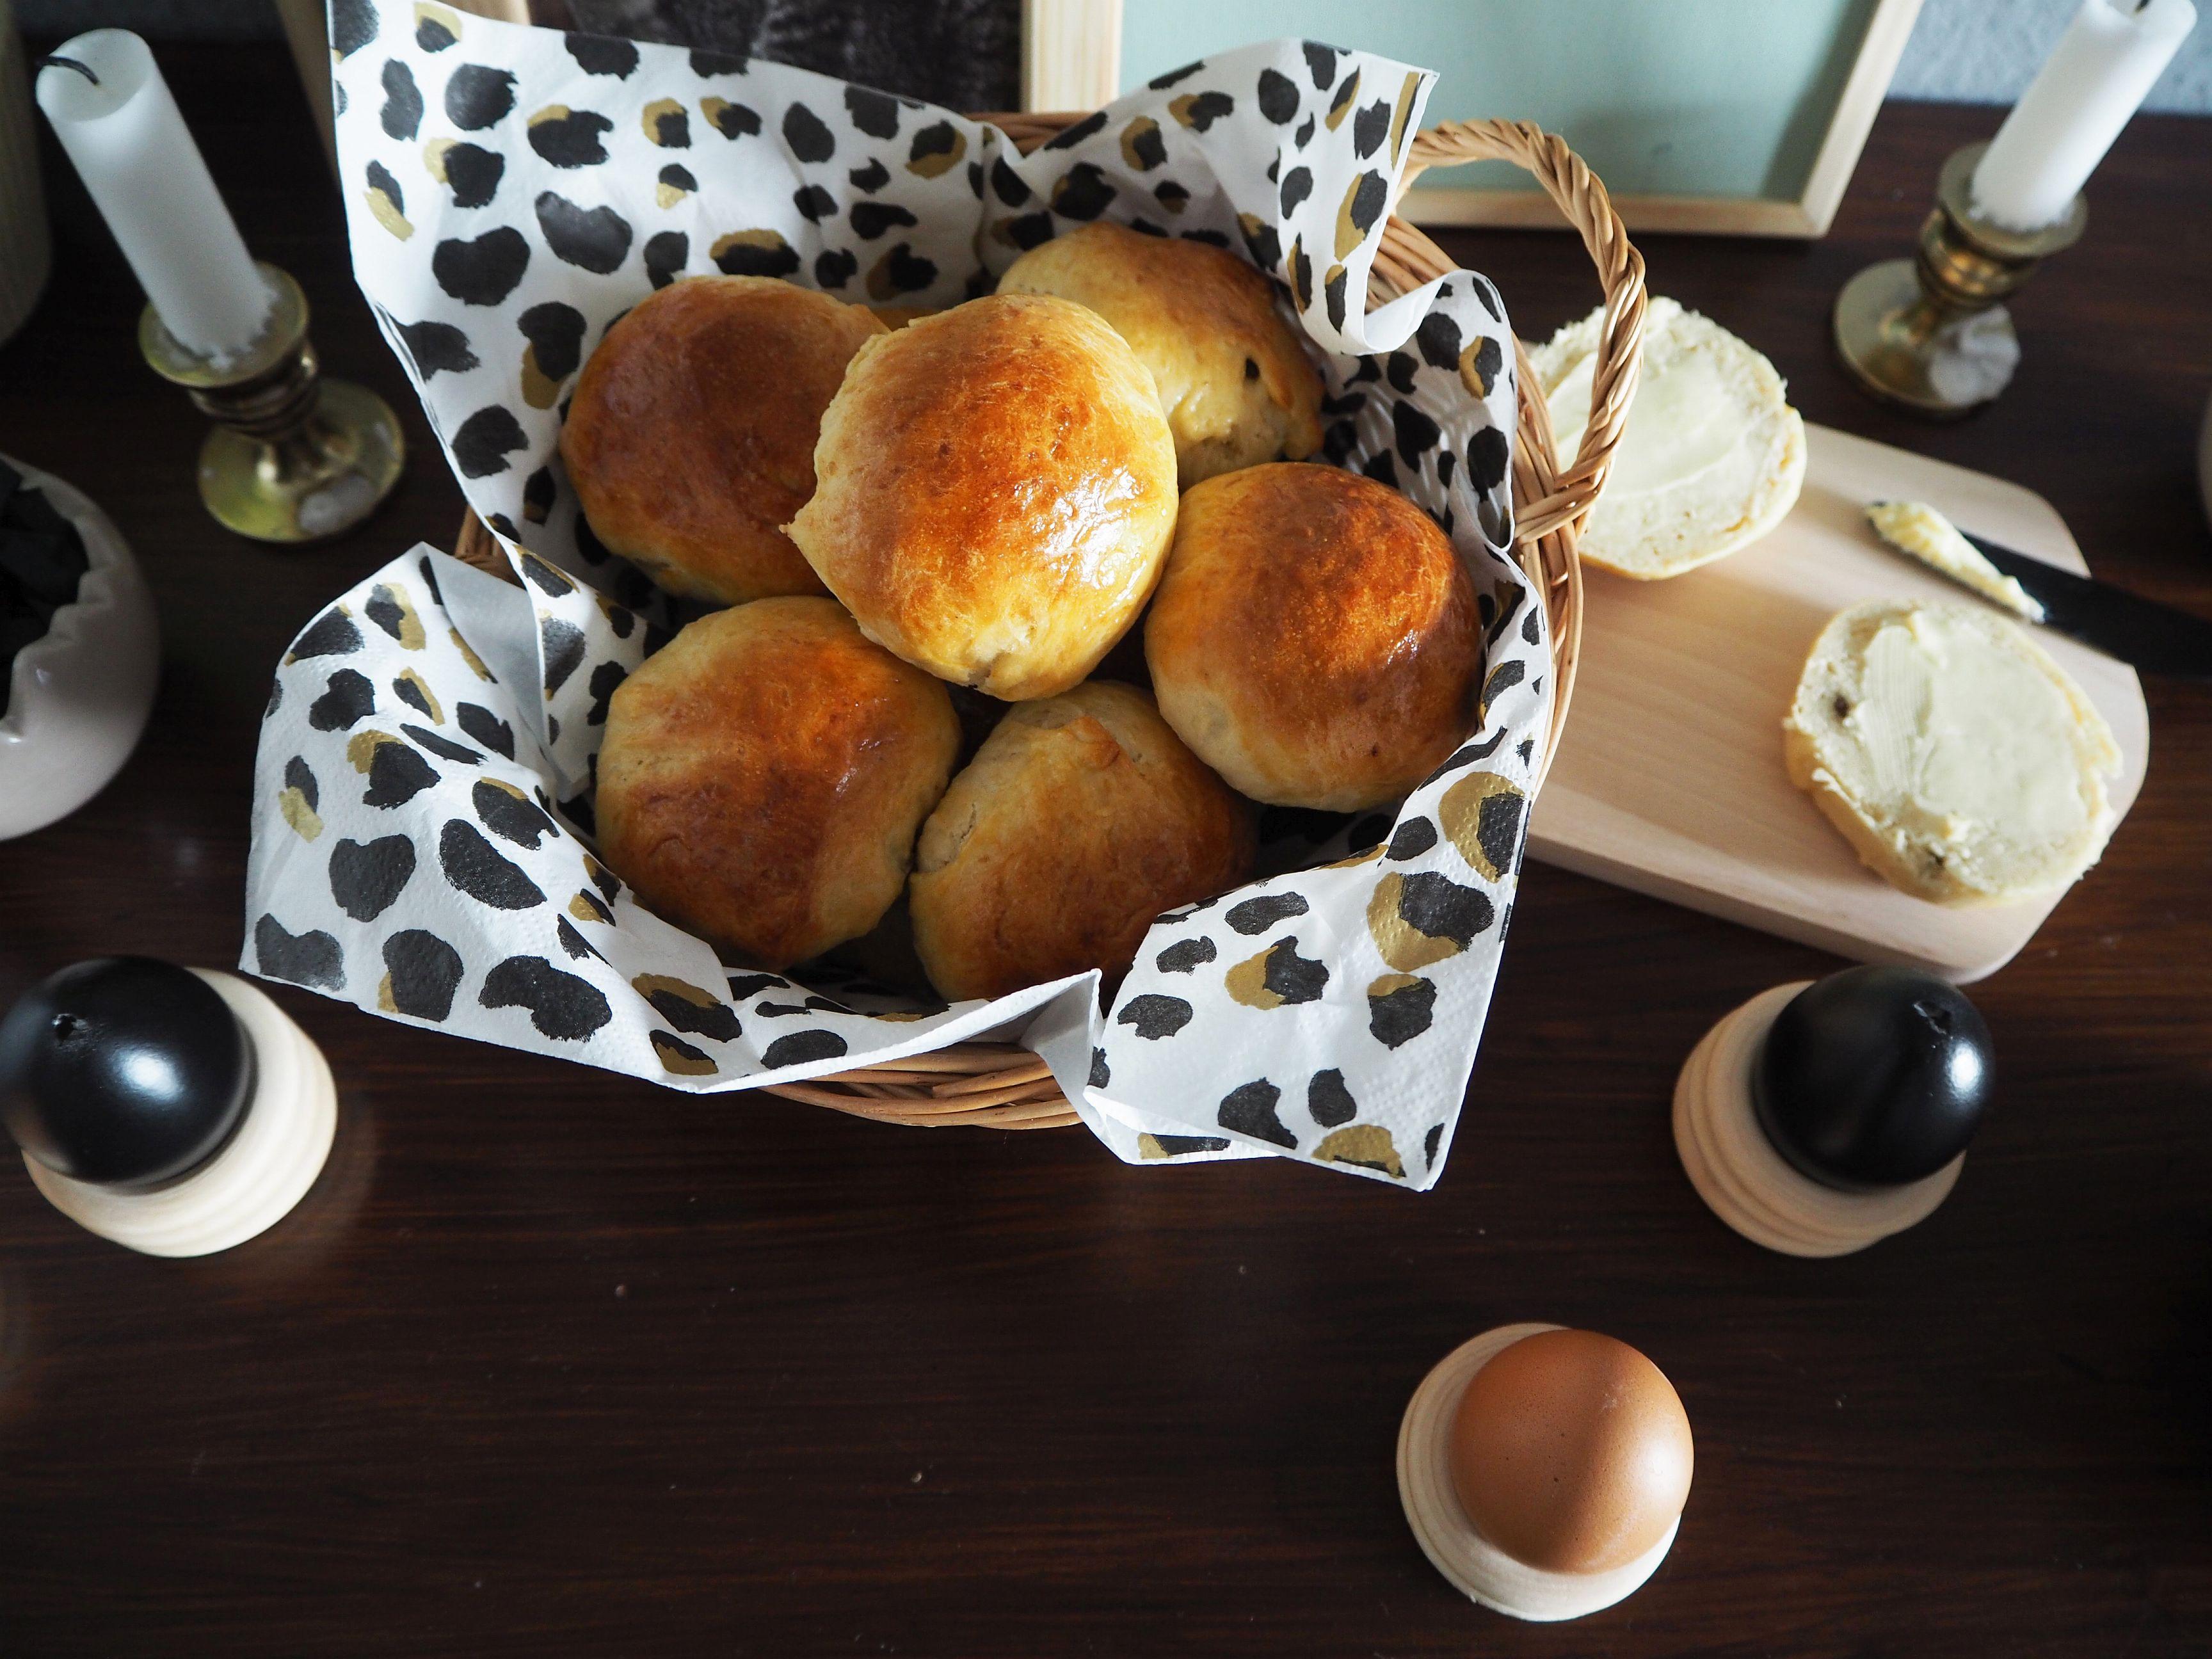 2018-03-skoen-och-kreativ-food-glad-pask-rosinenbroetchen-zu-ostern (11)